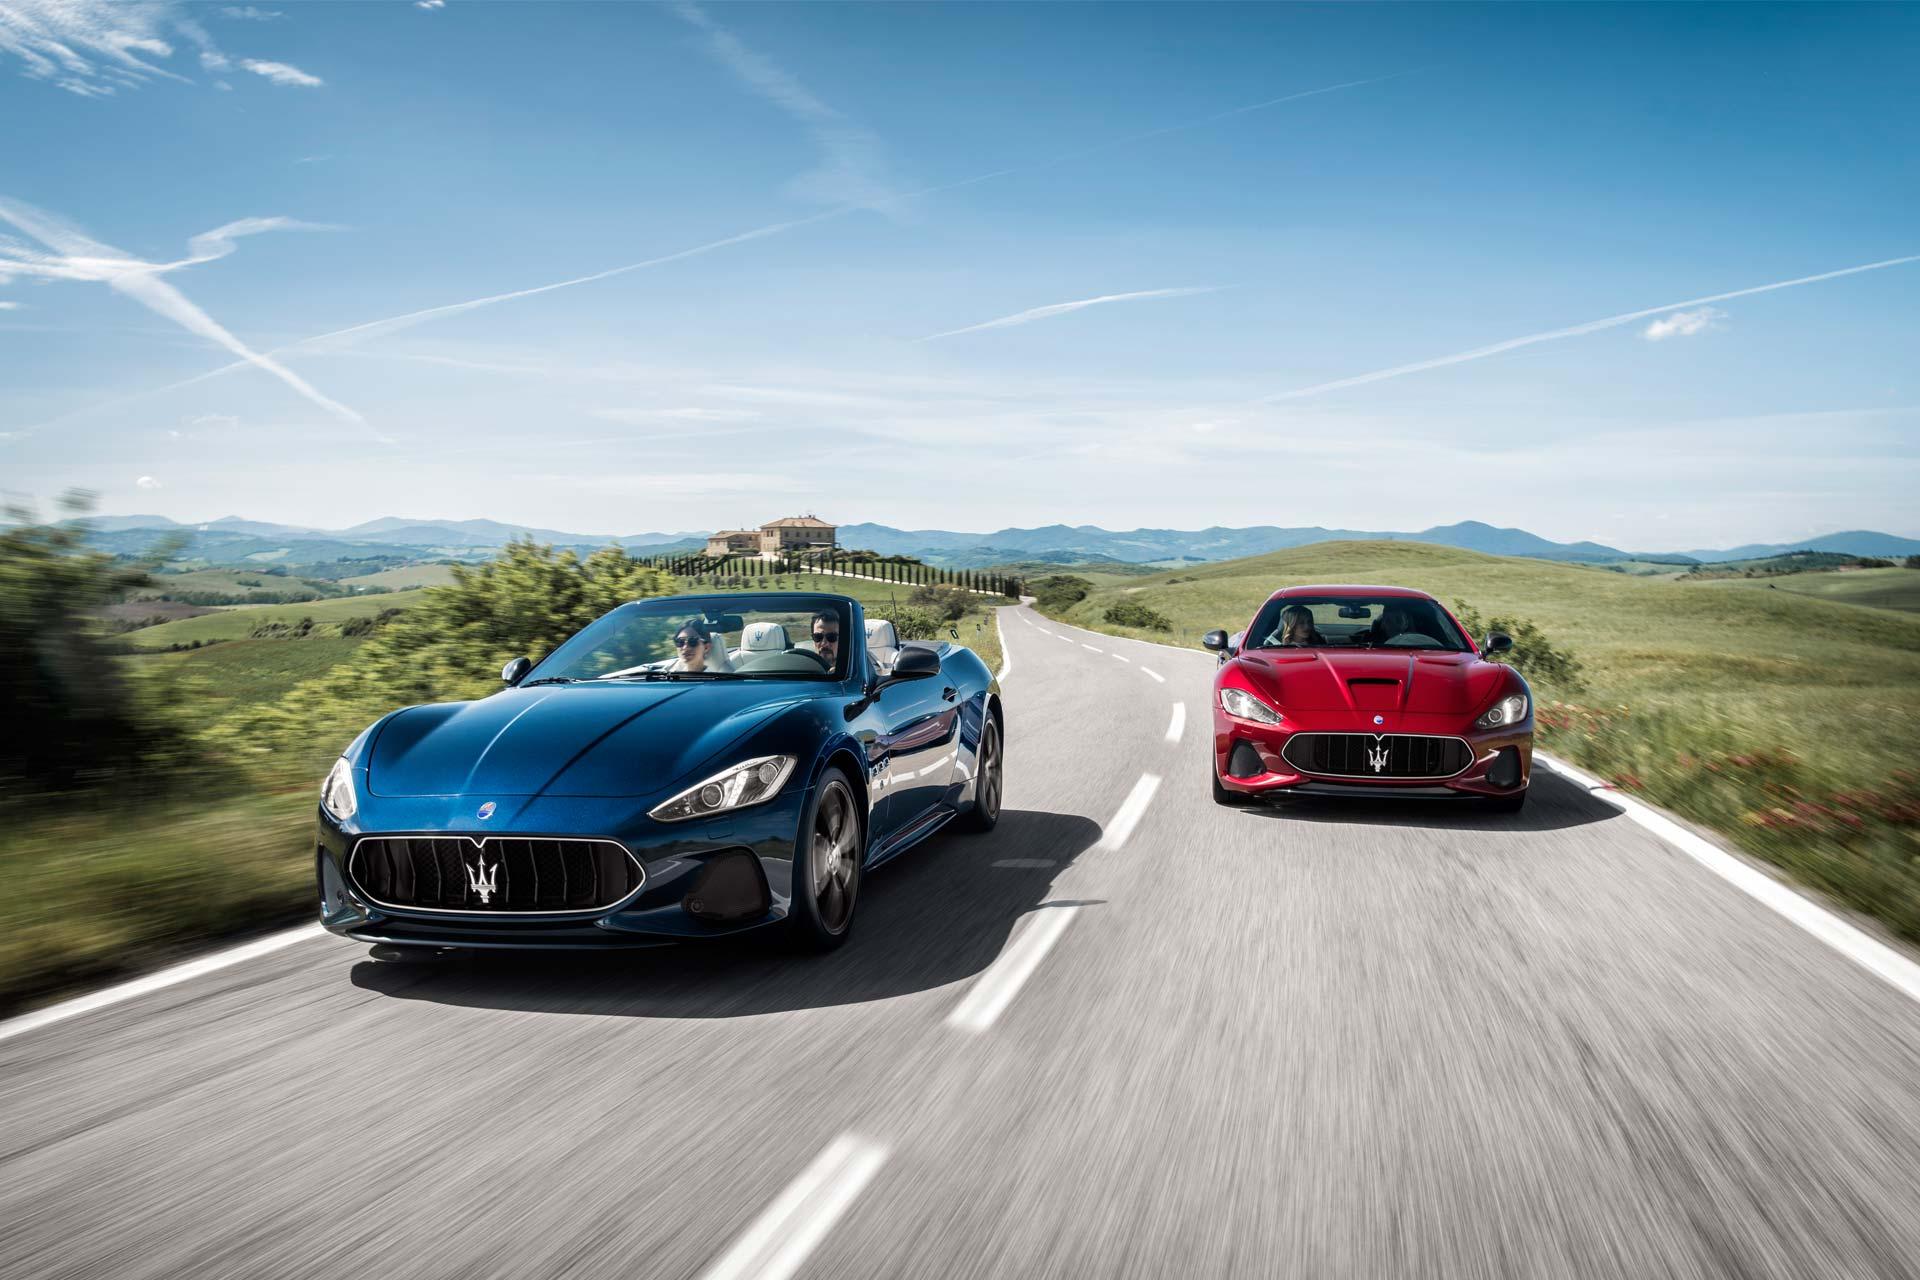 2018-Maserati-GranCabrio-Sport-and-GranTurismo.jpg